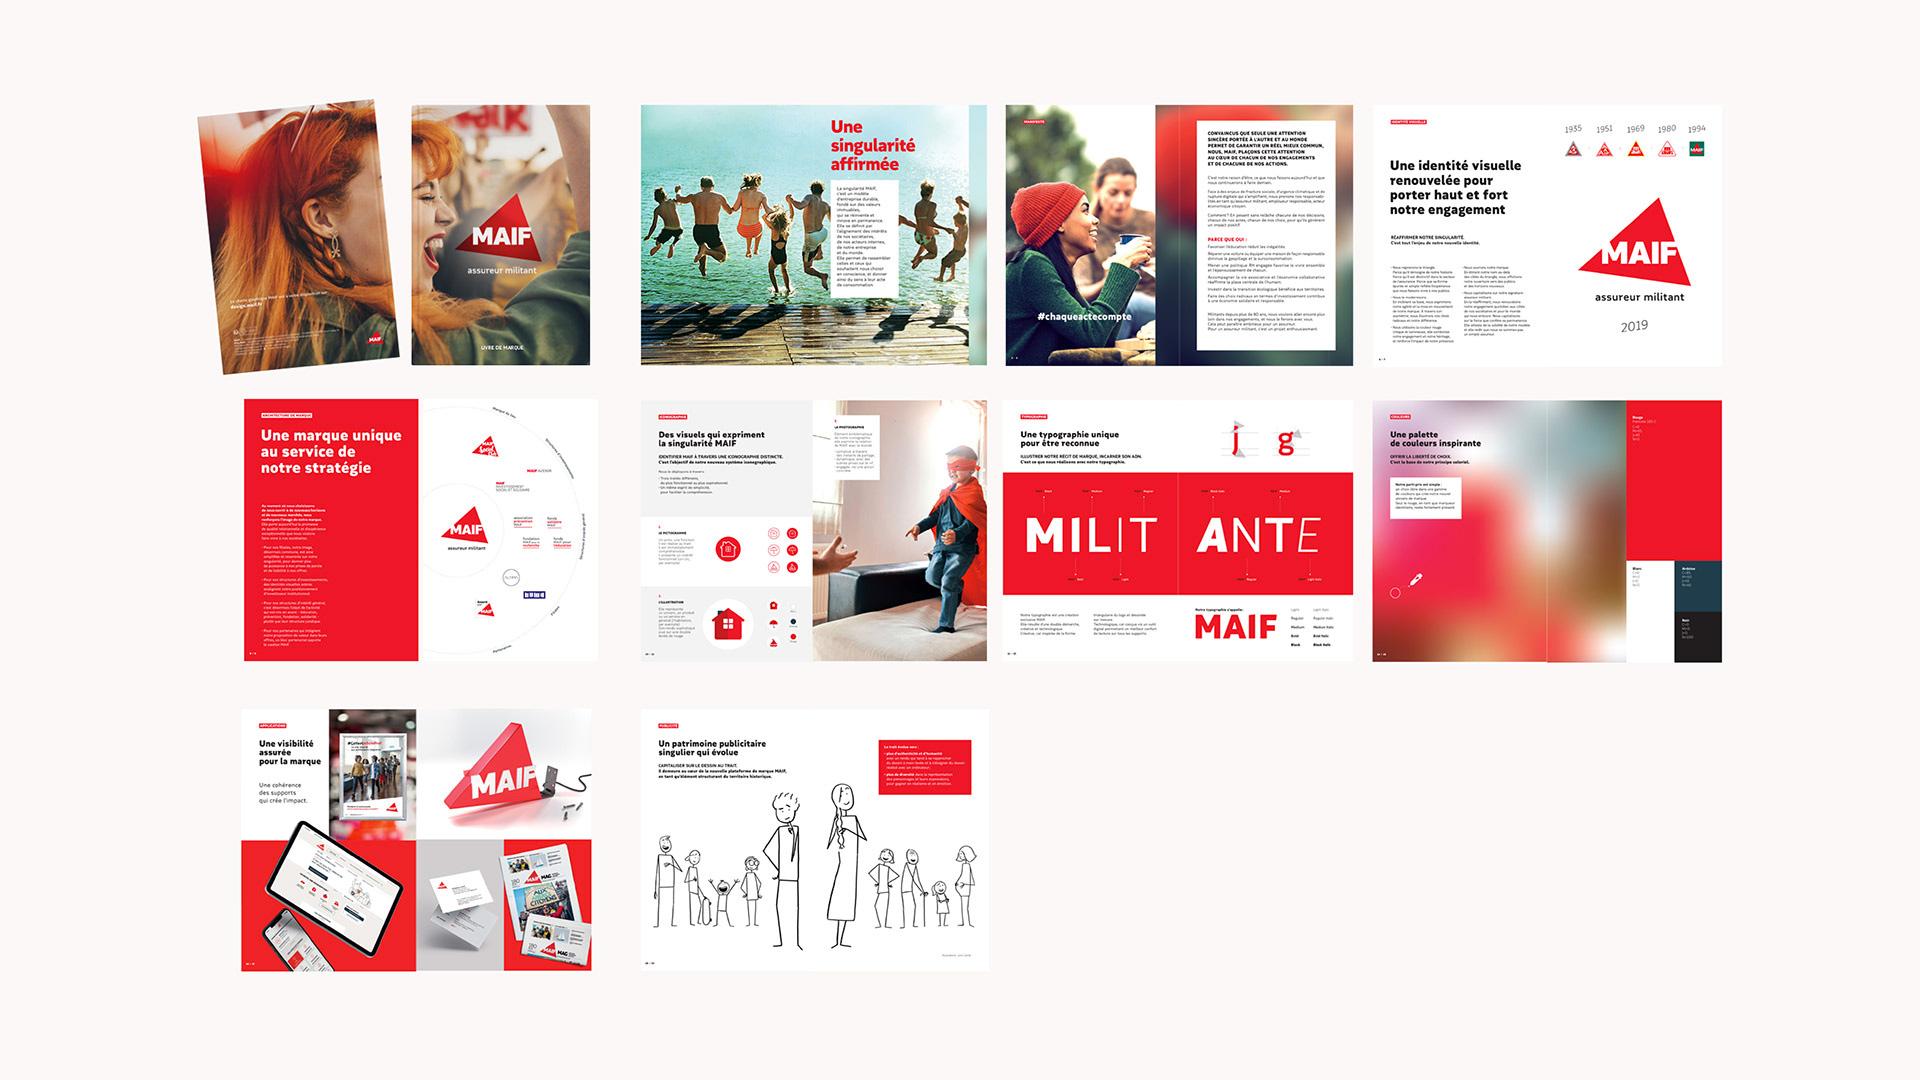 法国保险公司MAIF发布新品牌形象